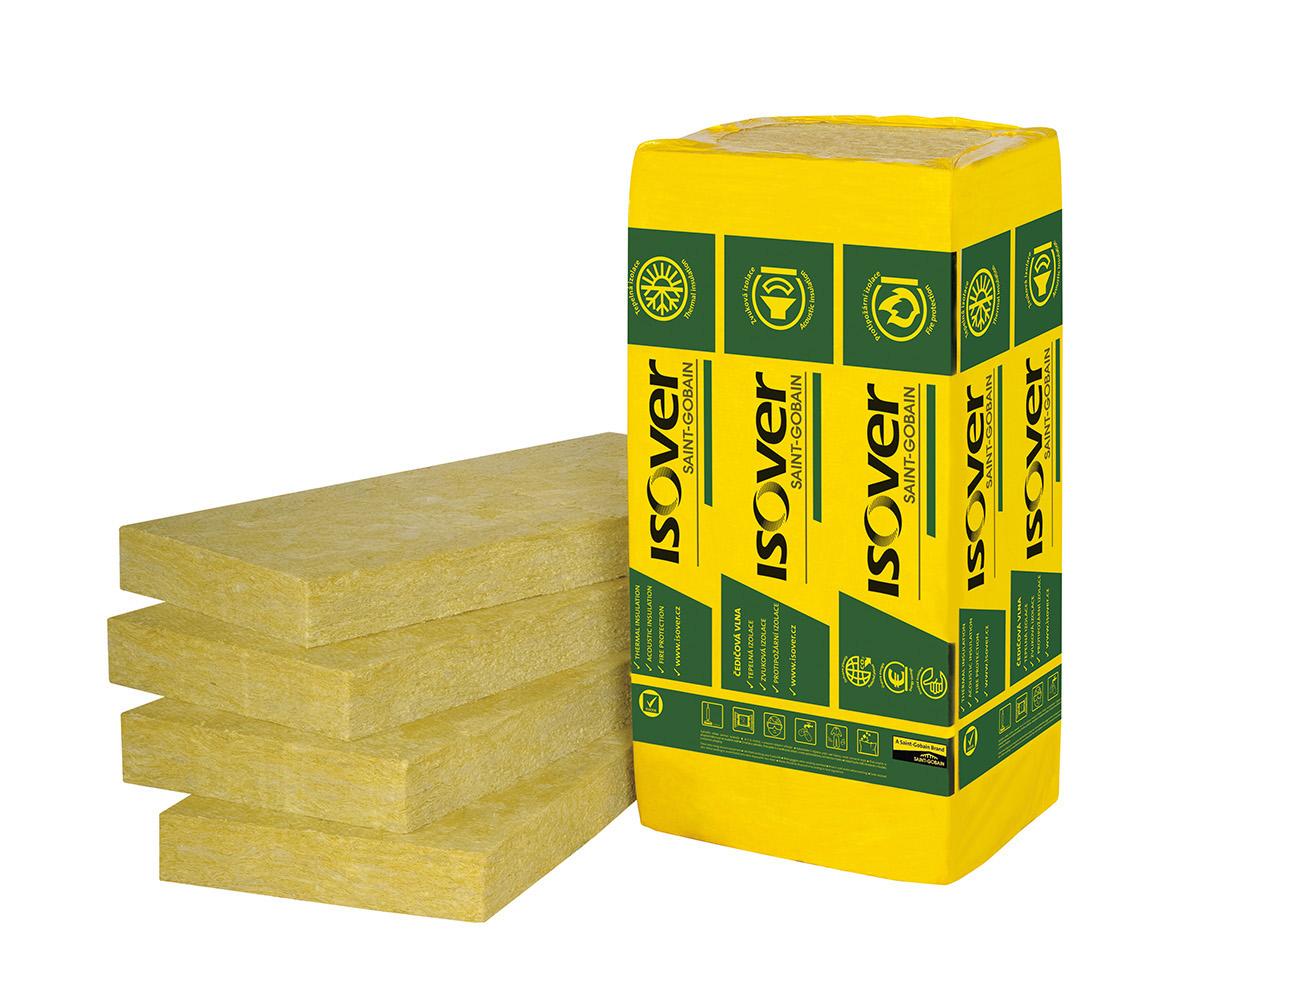 Minerální vata ISOVER FASSIL desky 100 mm (1200x600 mm), cena za m2